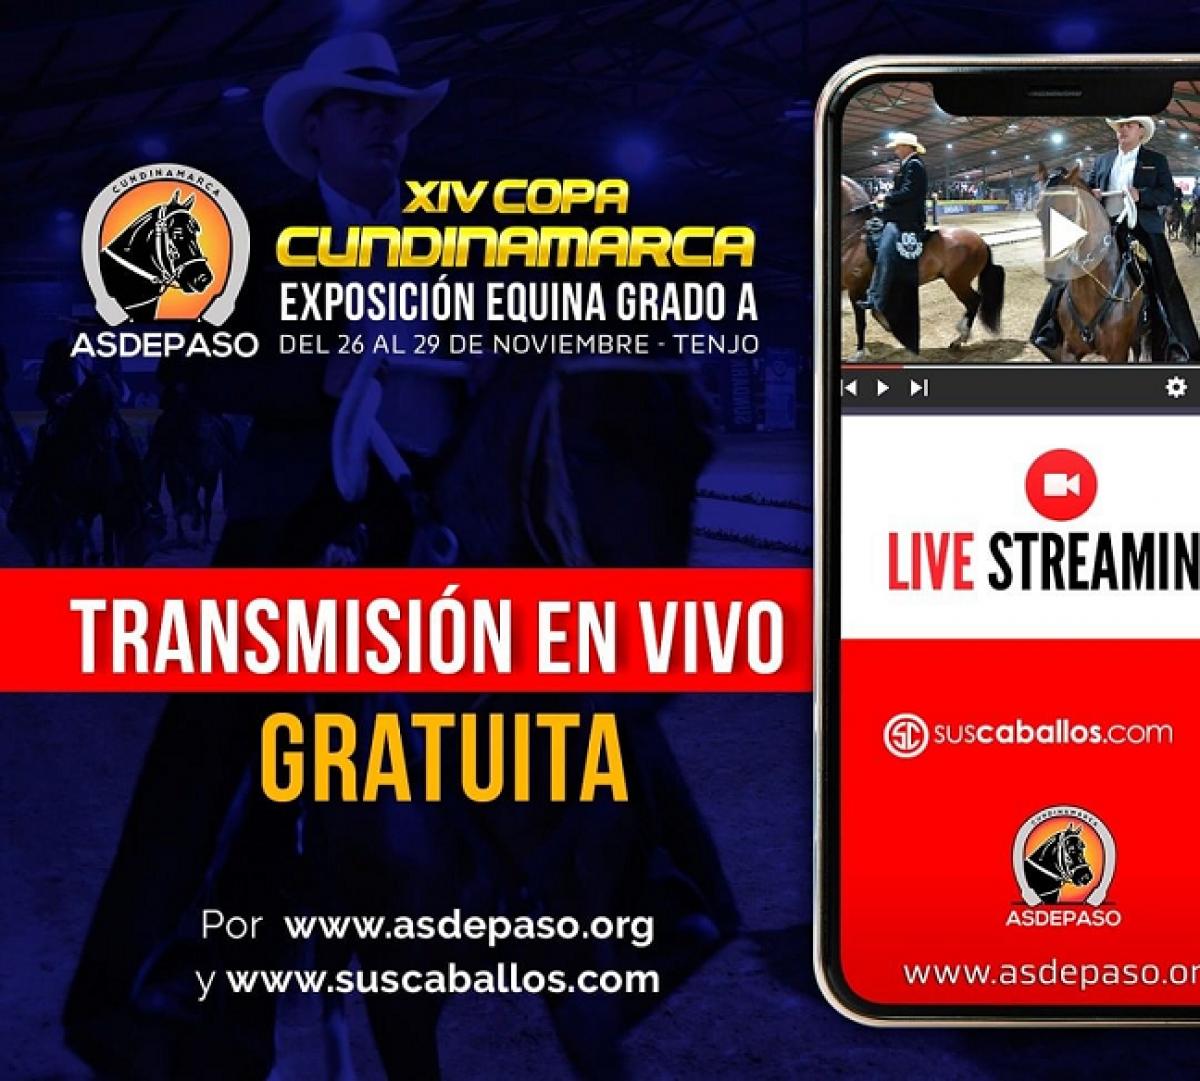 Copa Cundinamarca Asdepaso 2020 - Transmisión Gratuita por Suscaballos.com